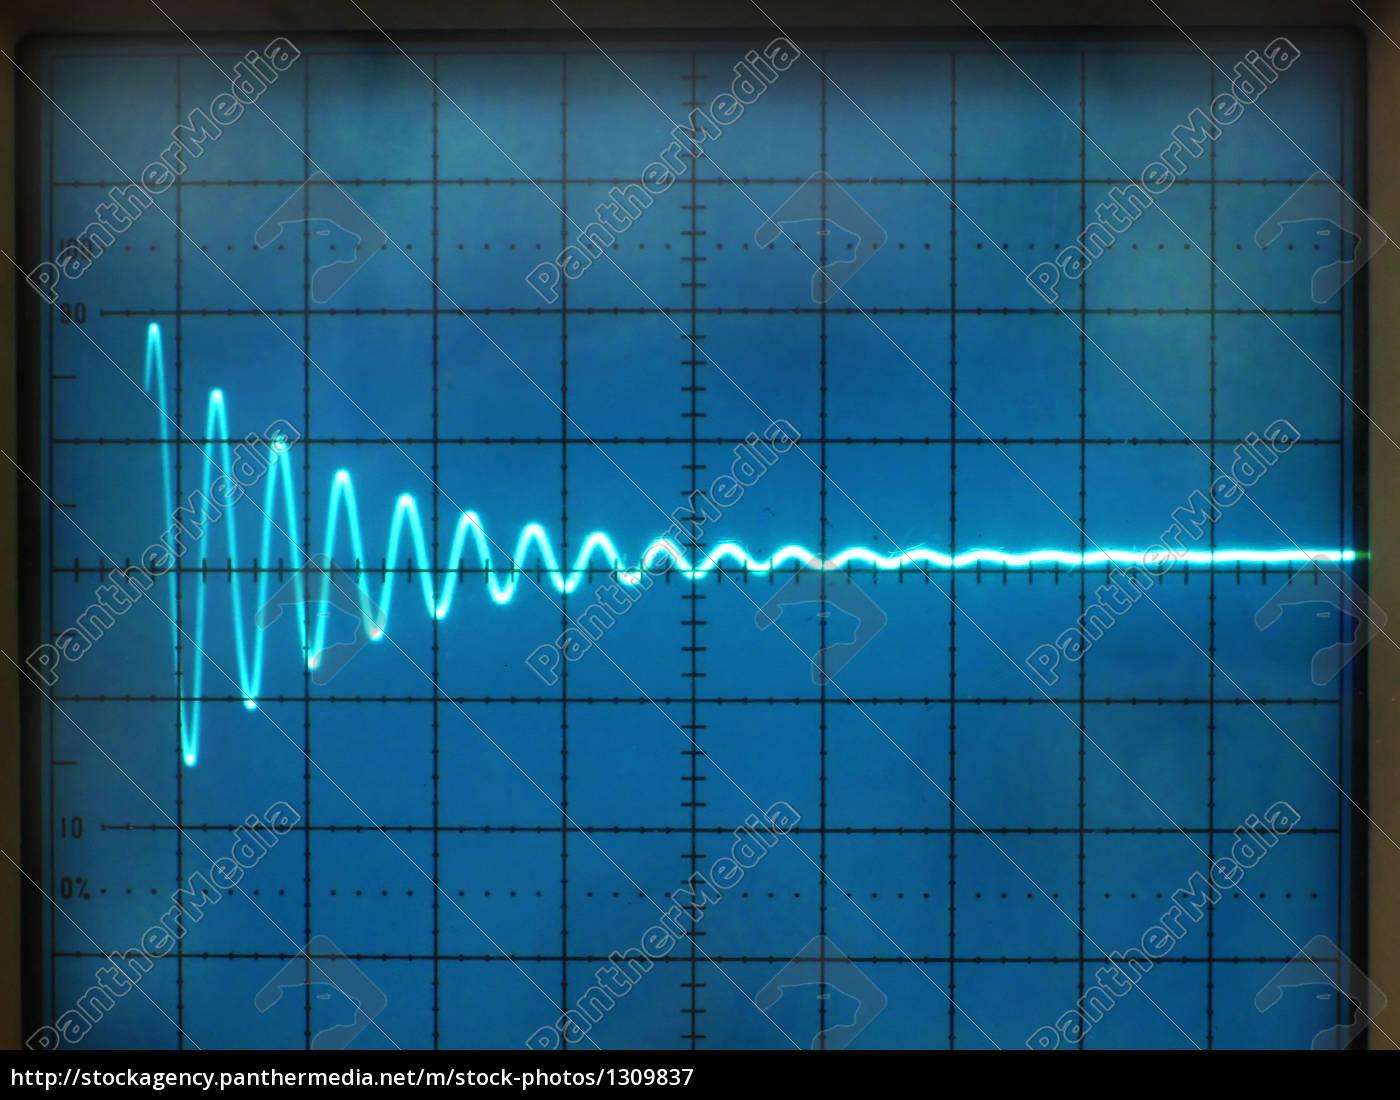 Lizenzfreies Bild 1309837 - elektrische signale